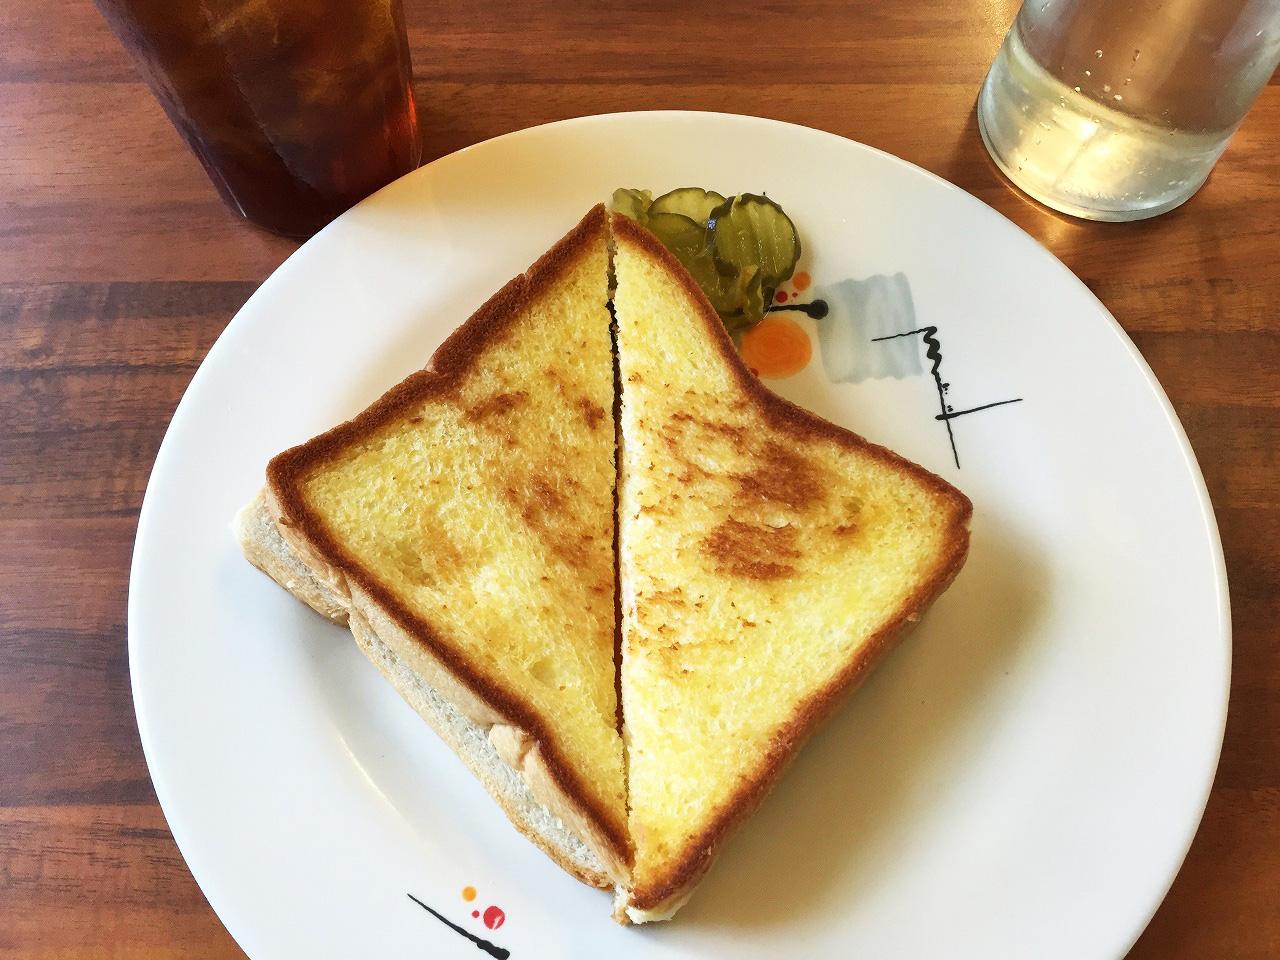 シンプルなトースト。ピクルスが添えてあります。